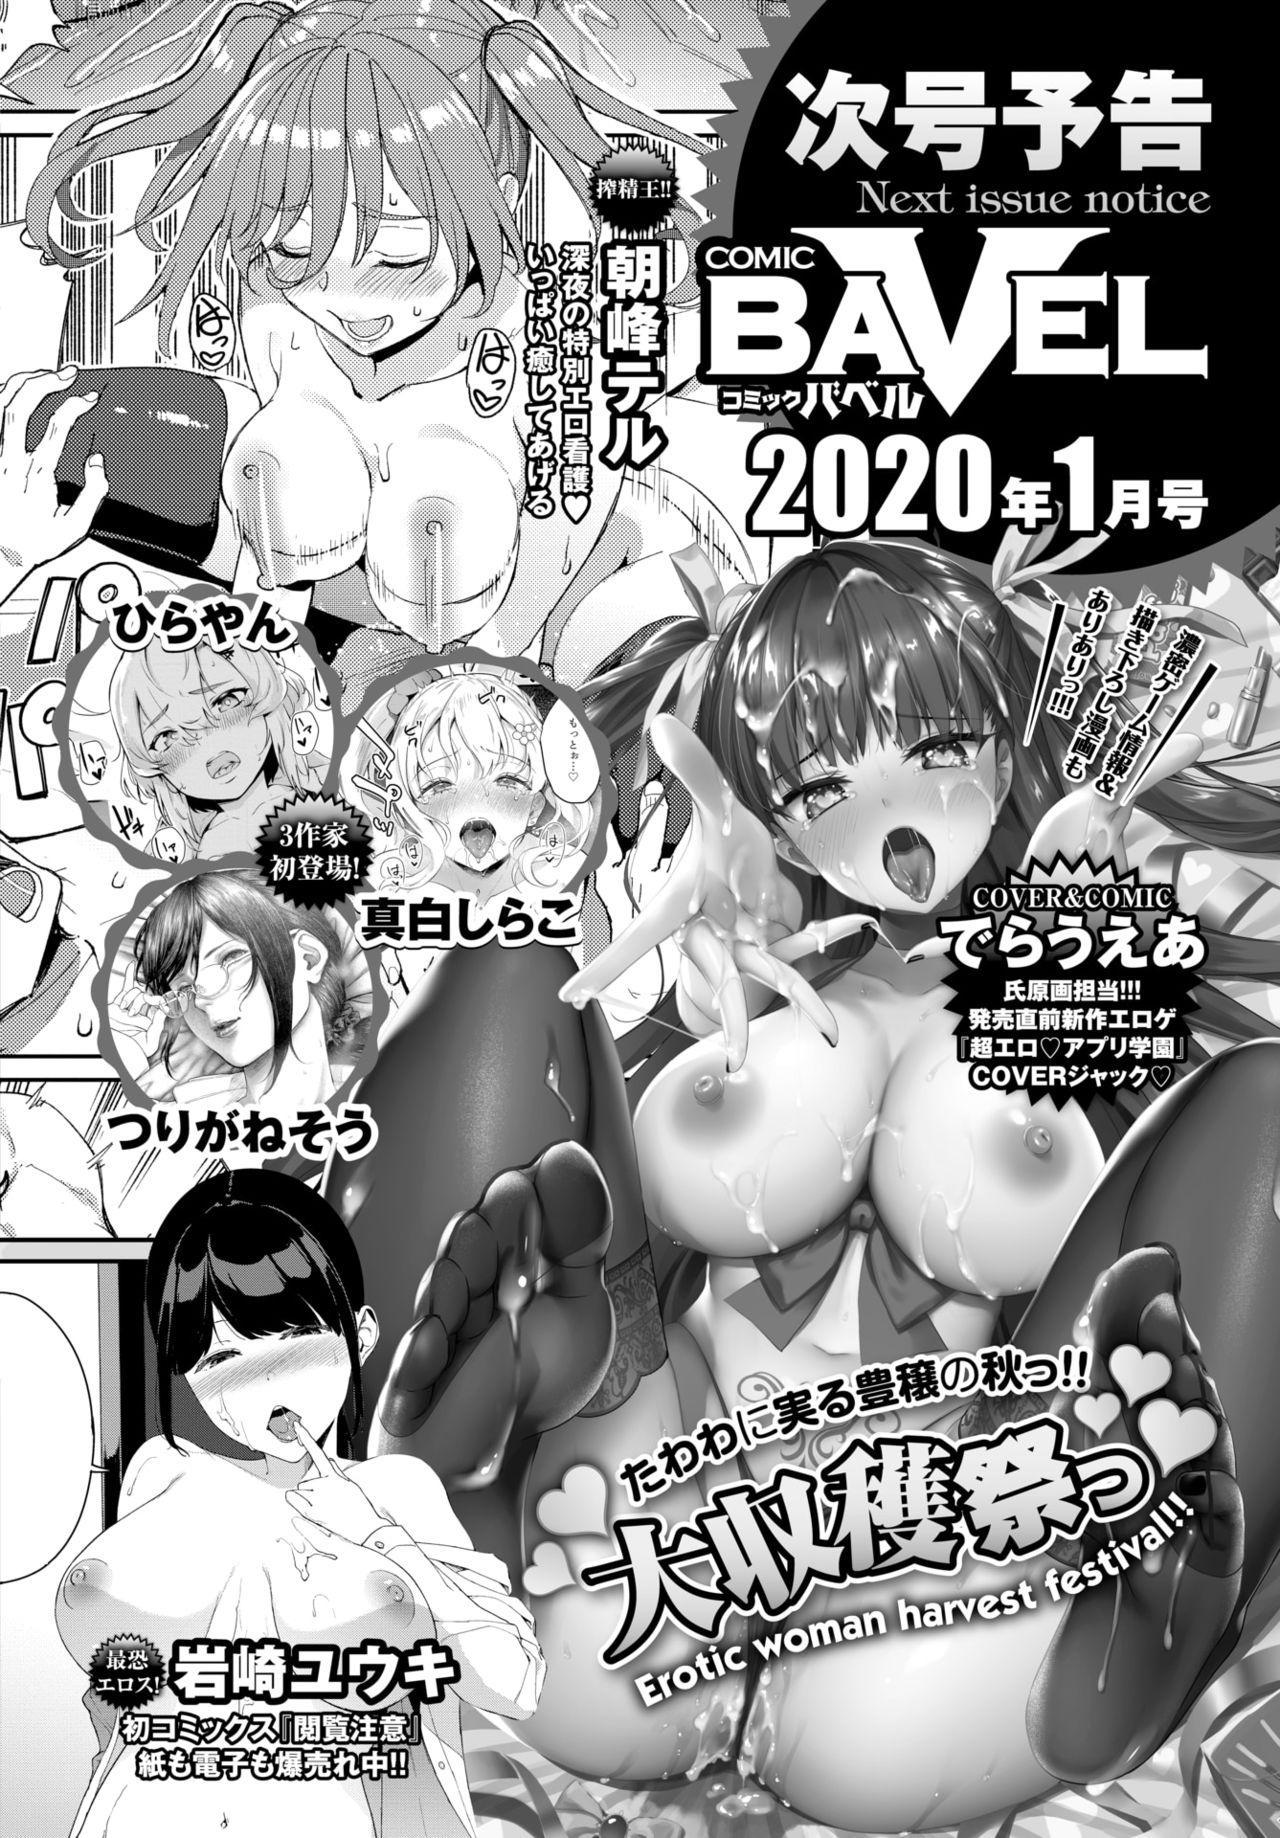 COMIC BAVEL 2019-12 403